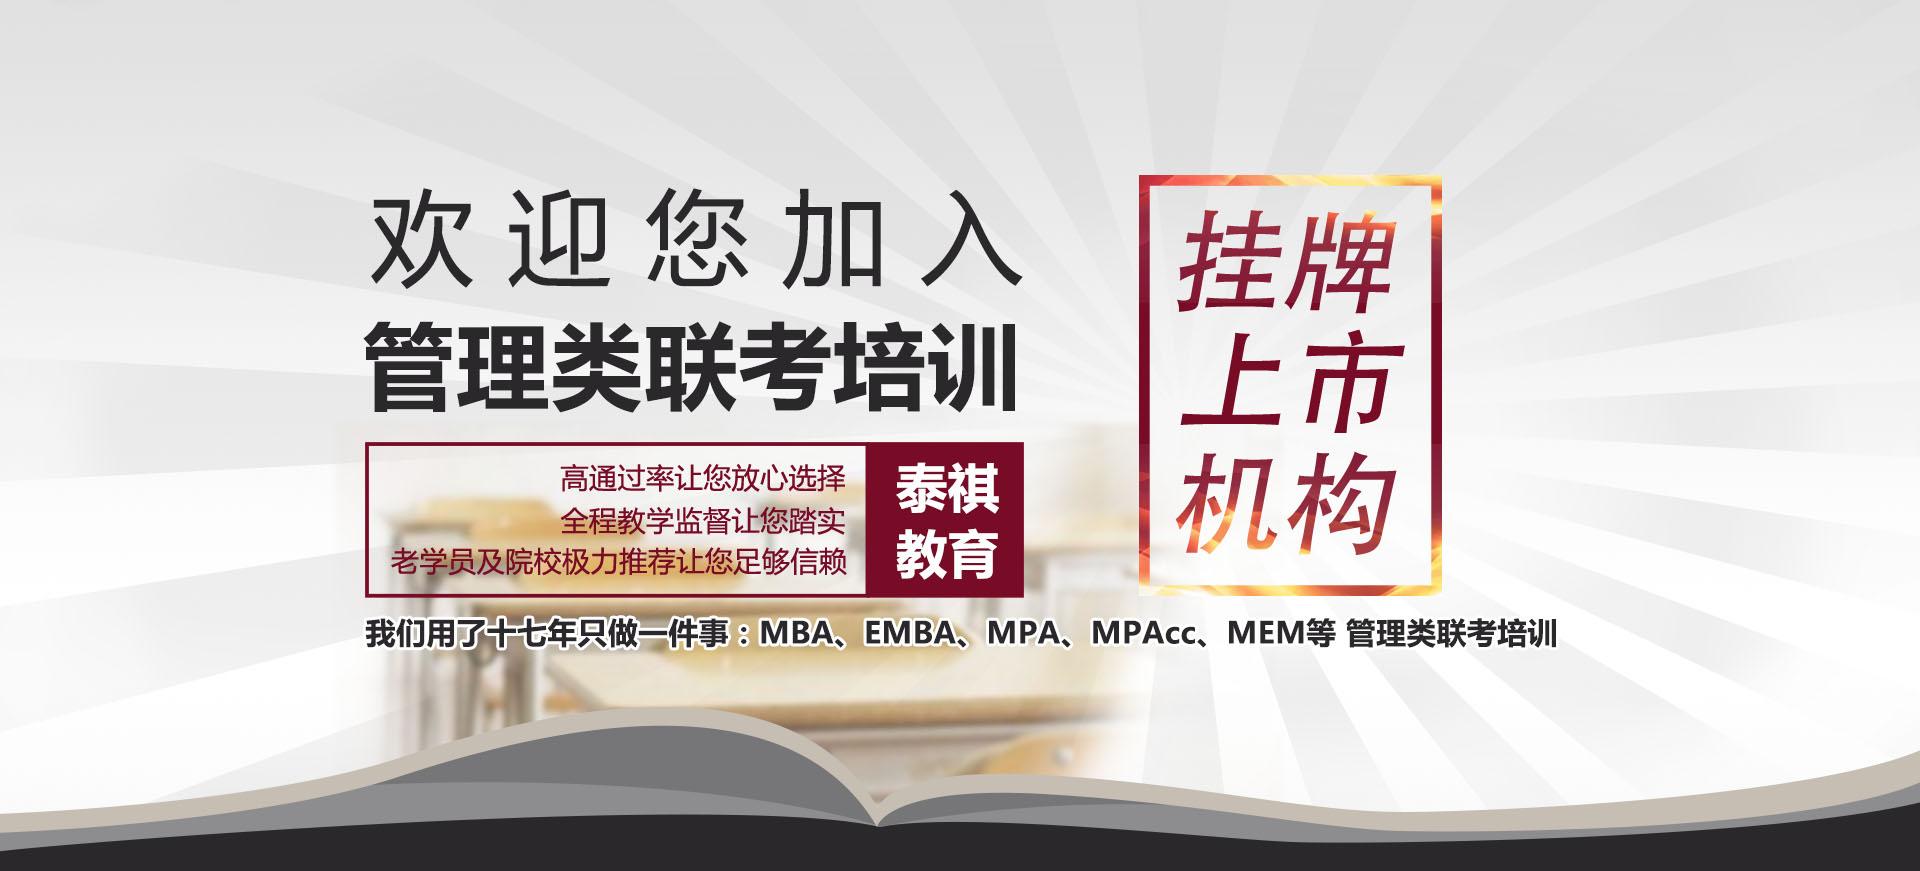 山东大学 2019年工商管理硕士(MBA/EMBA)招生简章